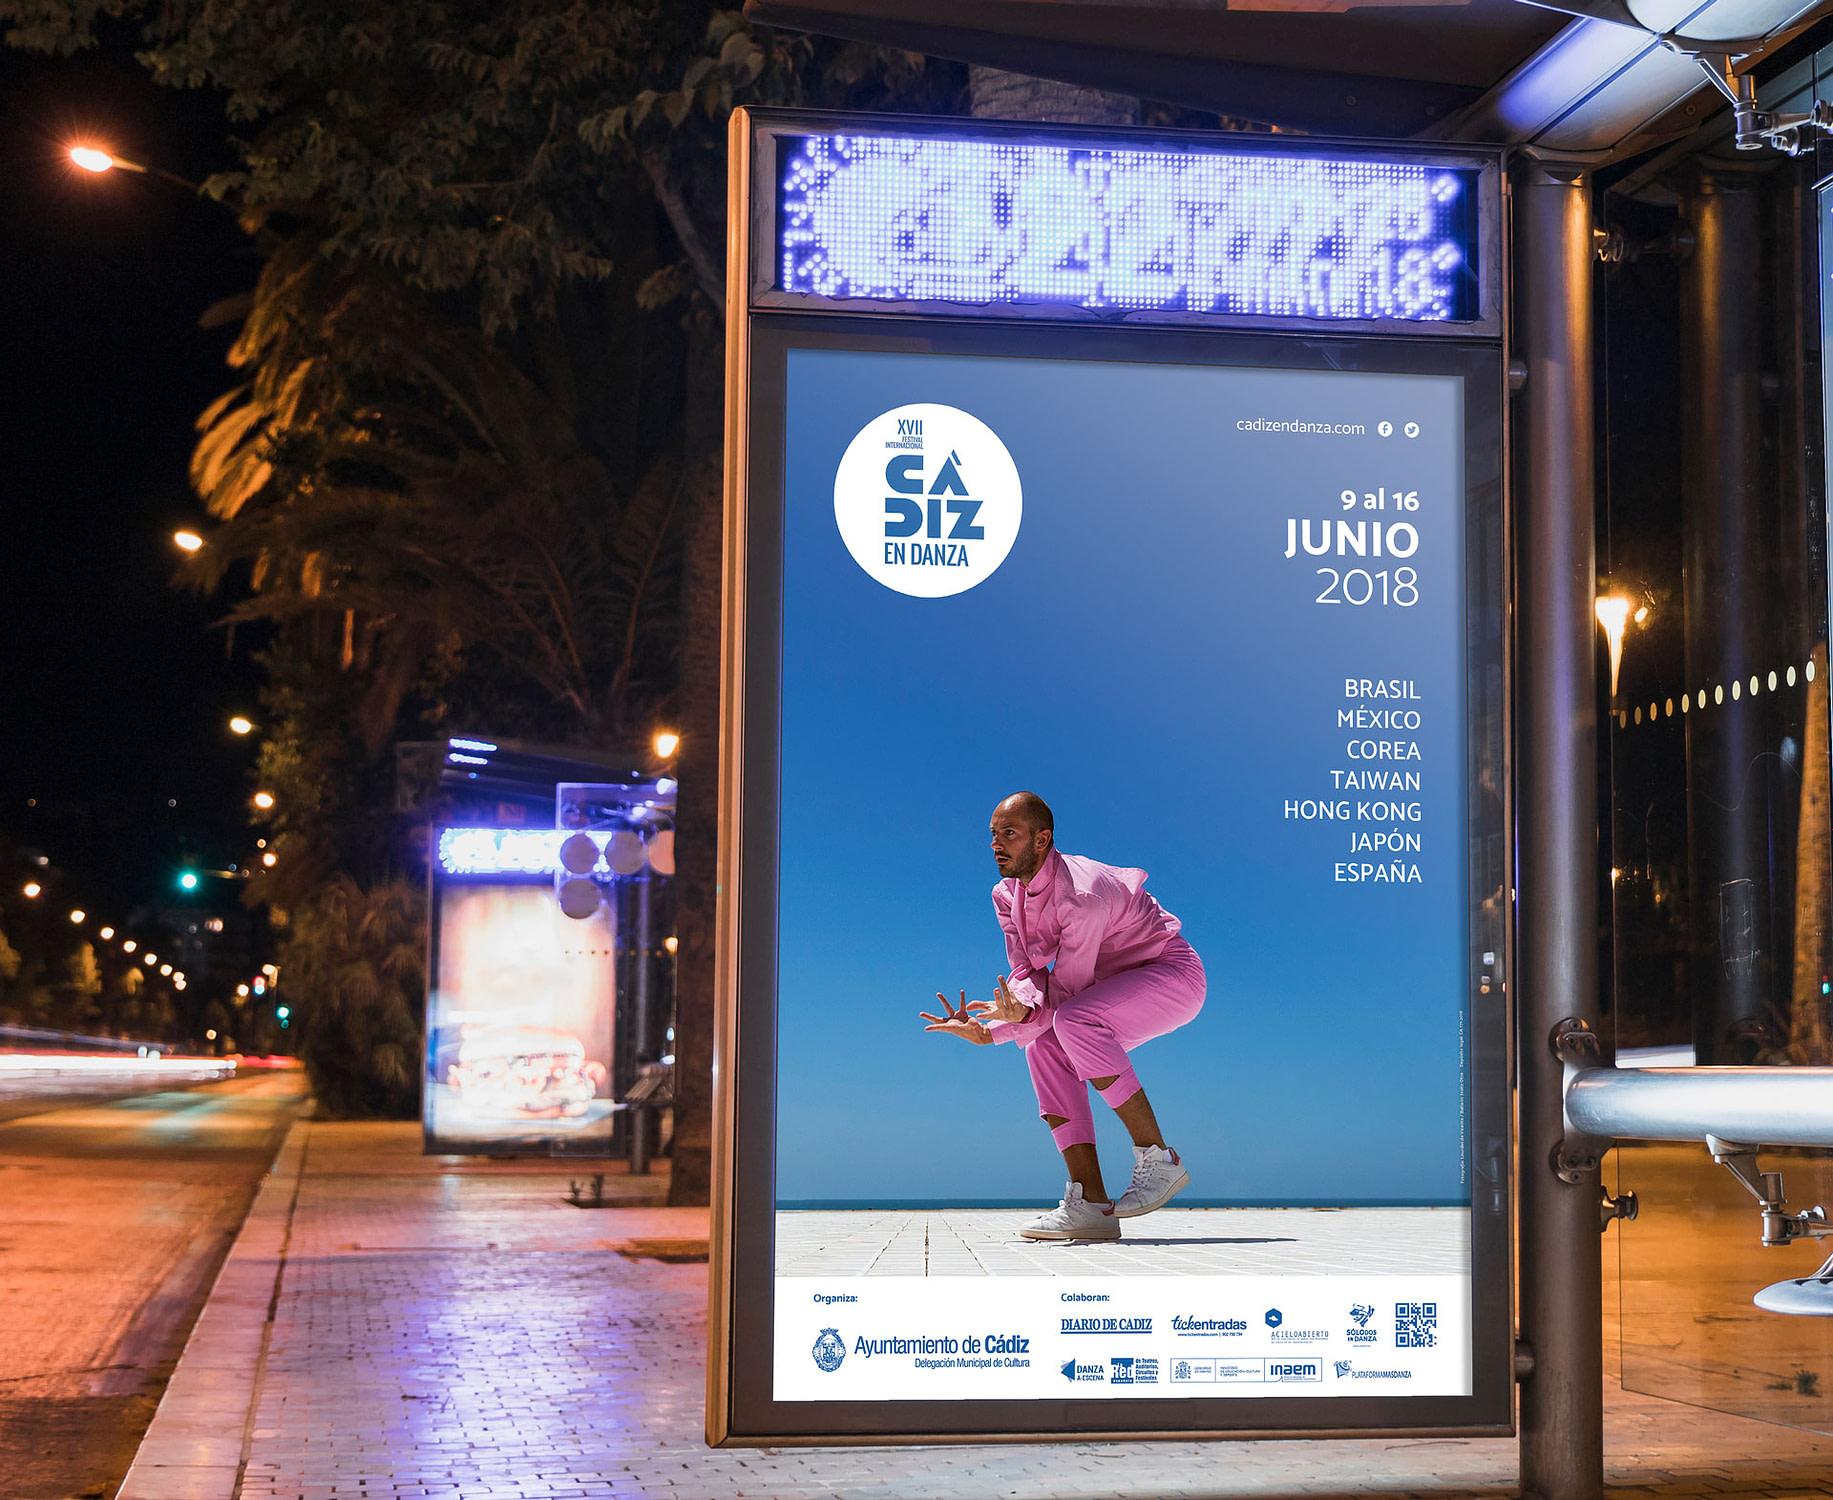 Mupi - Campaña de publicidad - XVII Festival Internacional Cádiz en Danza